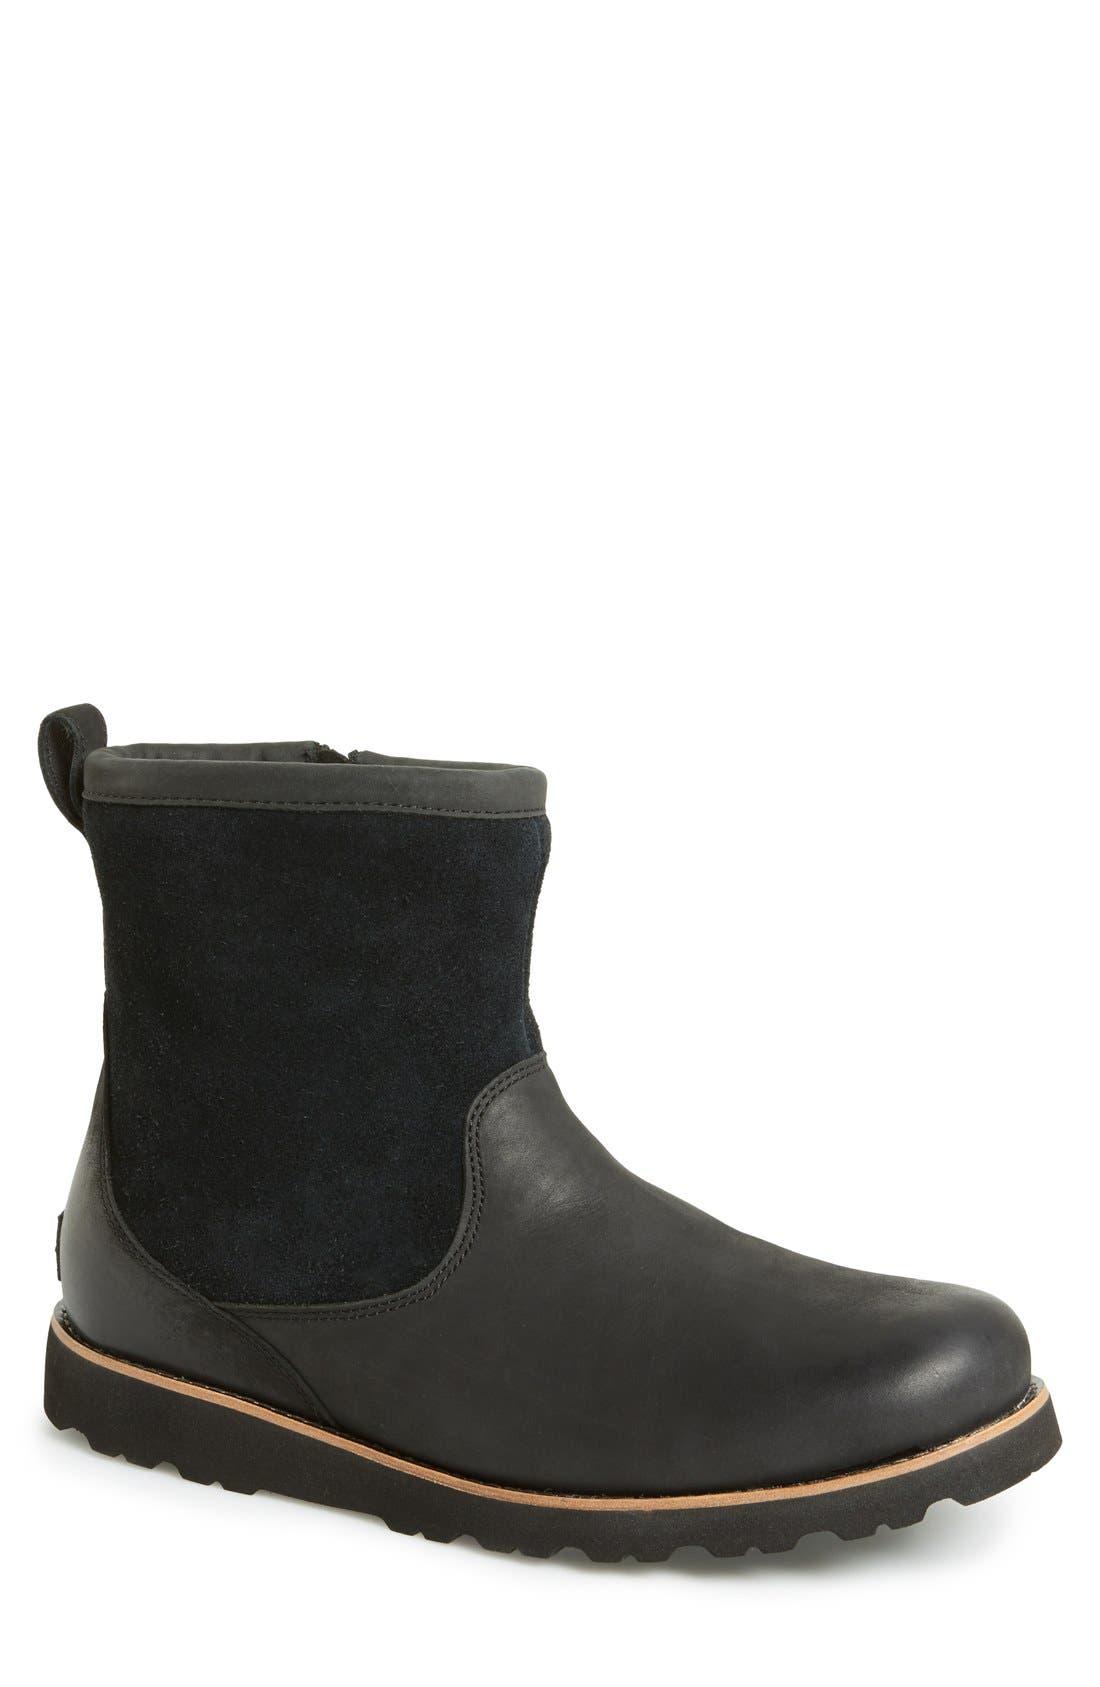 Ugg Hendren Tl Waterproof Zip Boot